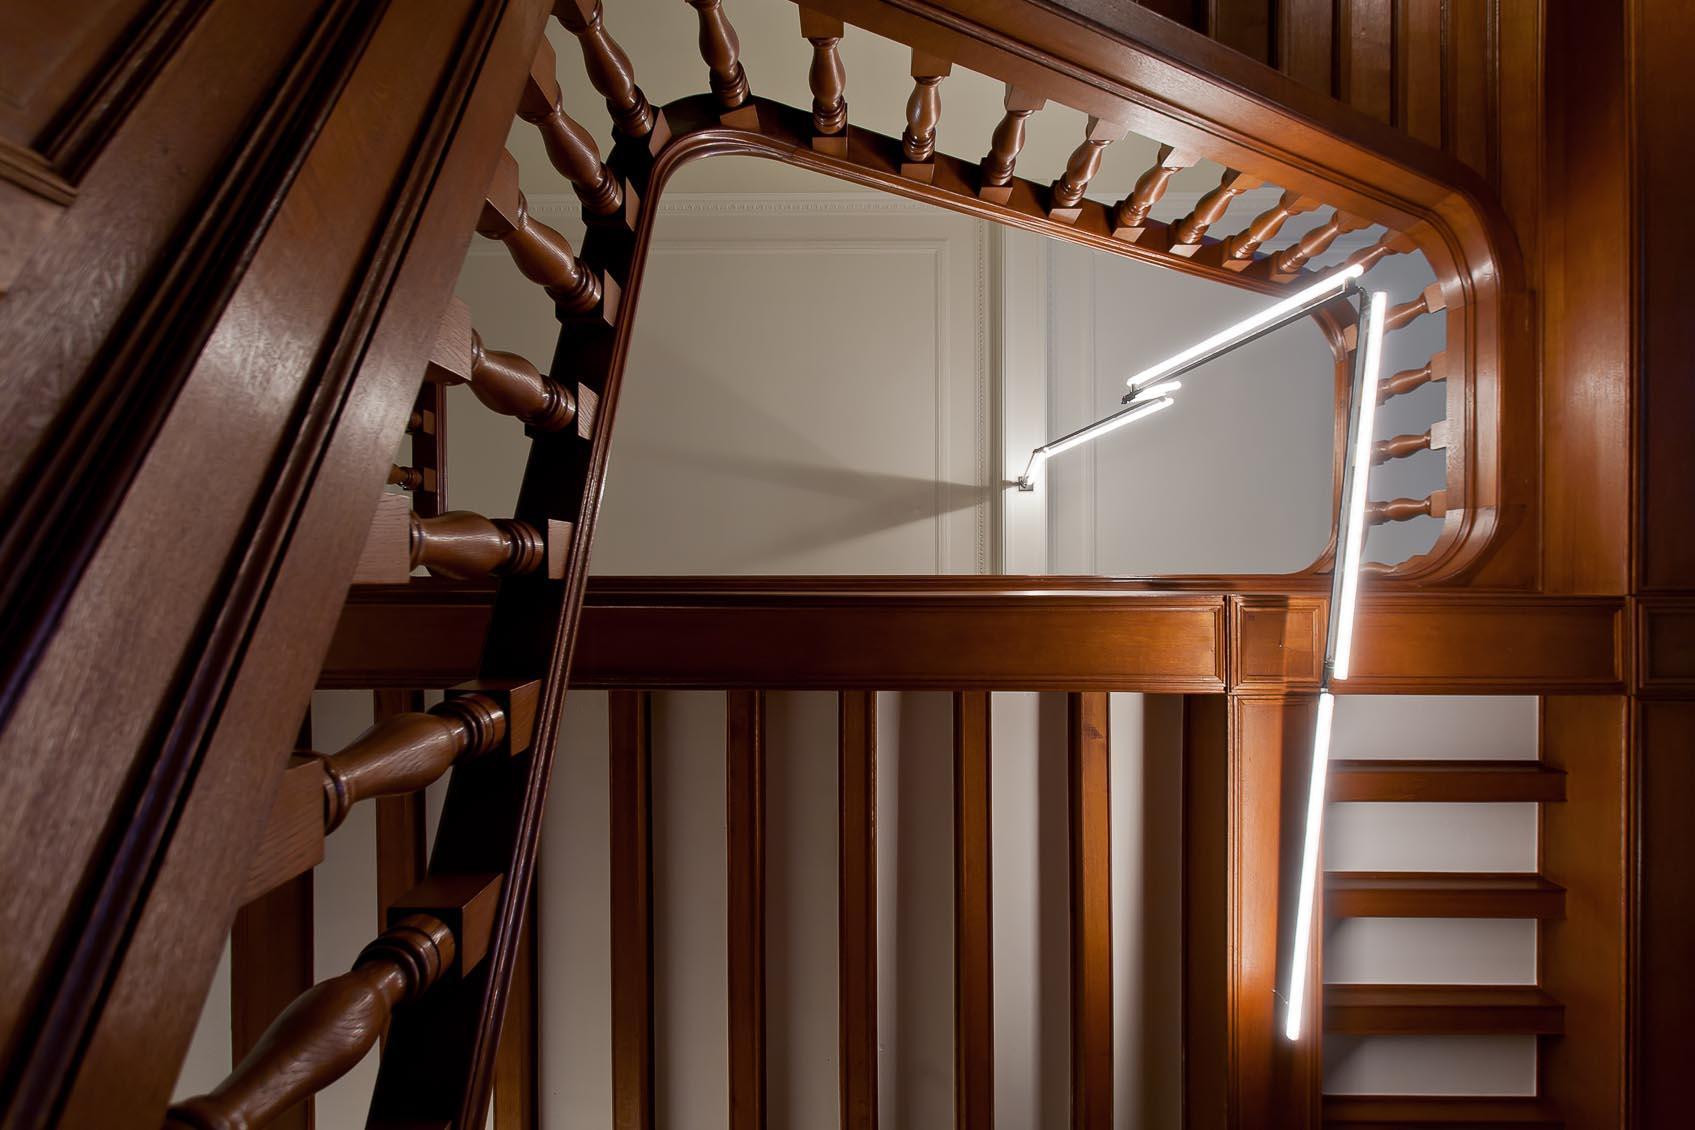 Kunstzinnig lichtobject door linestra maatwerklichtoplossing van lichtkunstenaar Jan Pauwels firma random